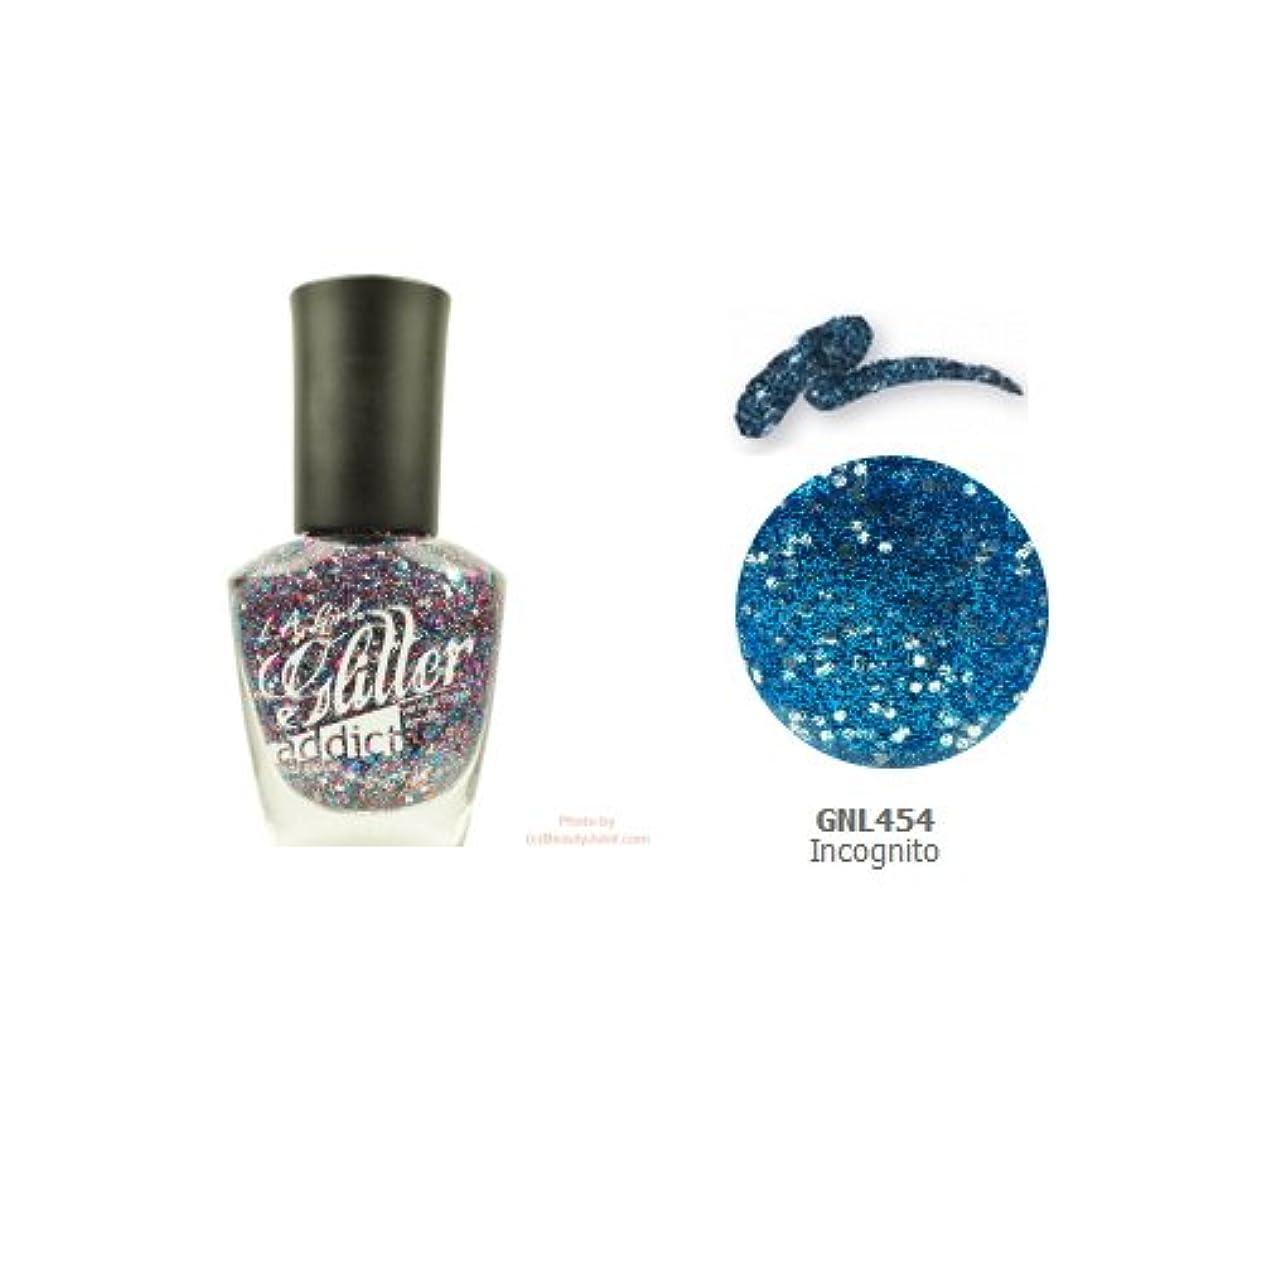 分離する本気知覚する(3 Pack) LA GIRL Glitter Addict Polish - Incognito (並行輸入品)